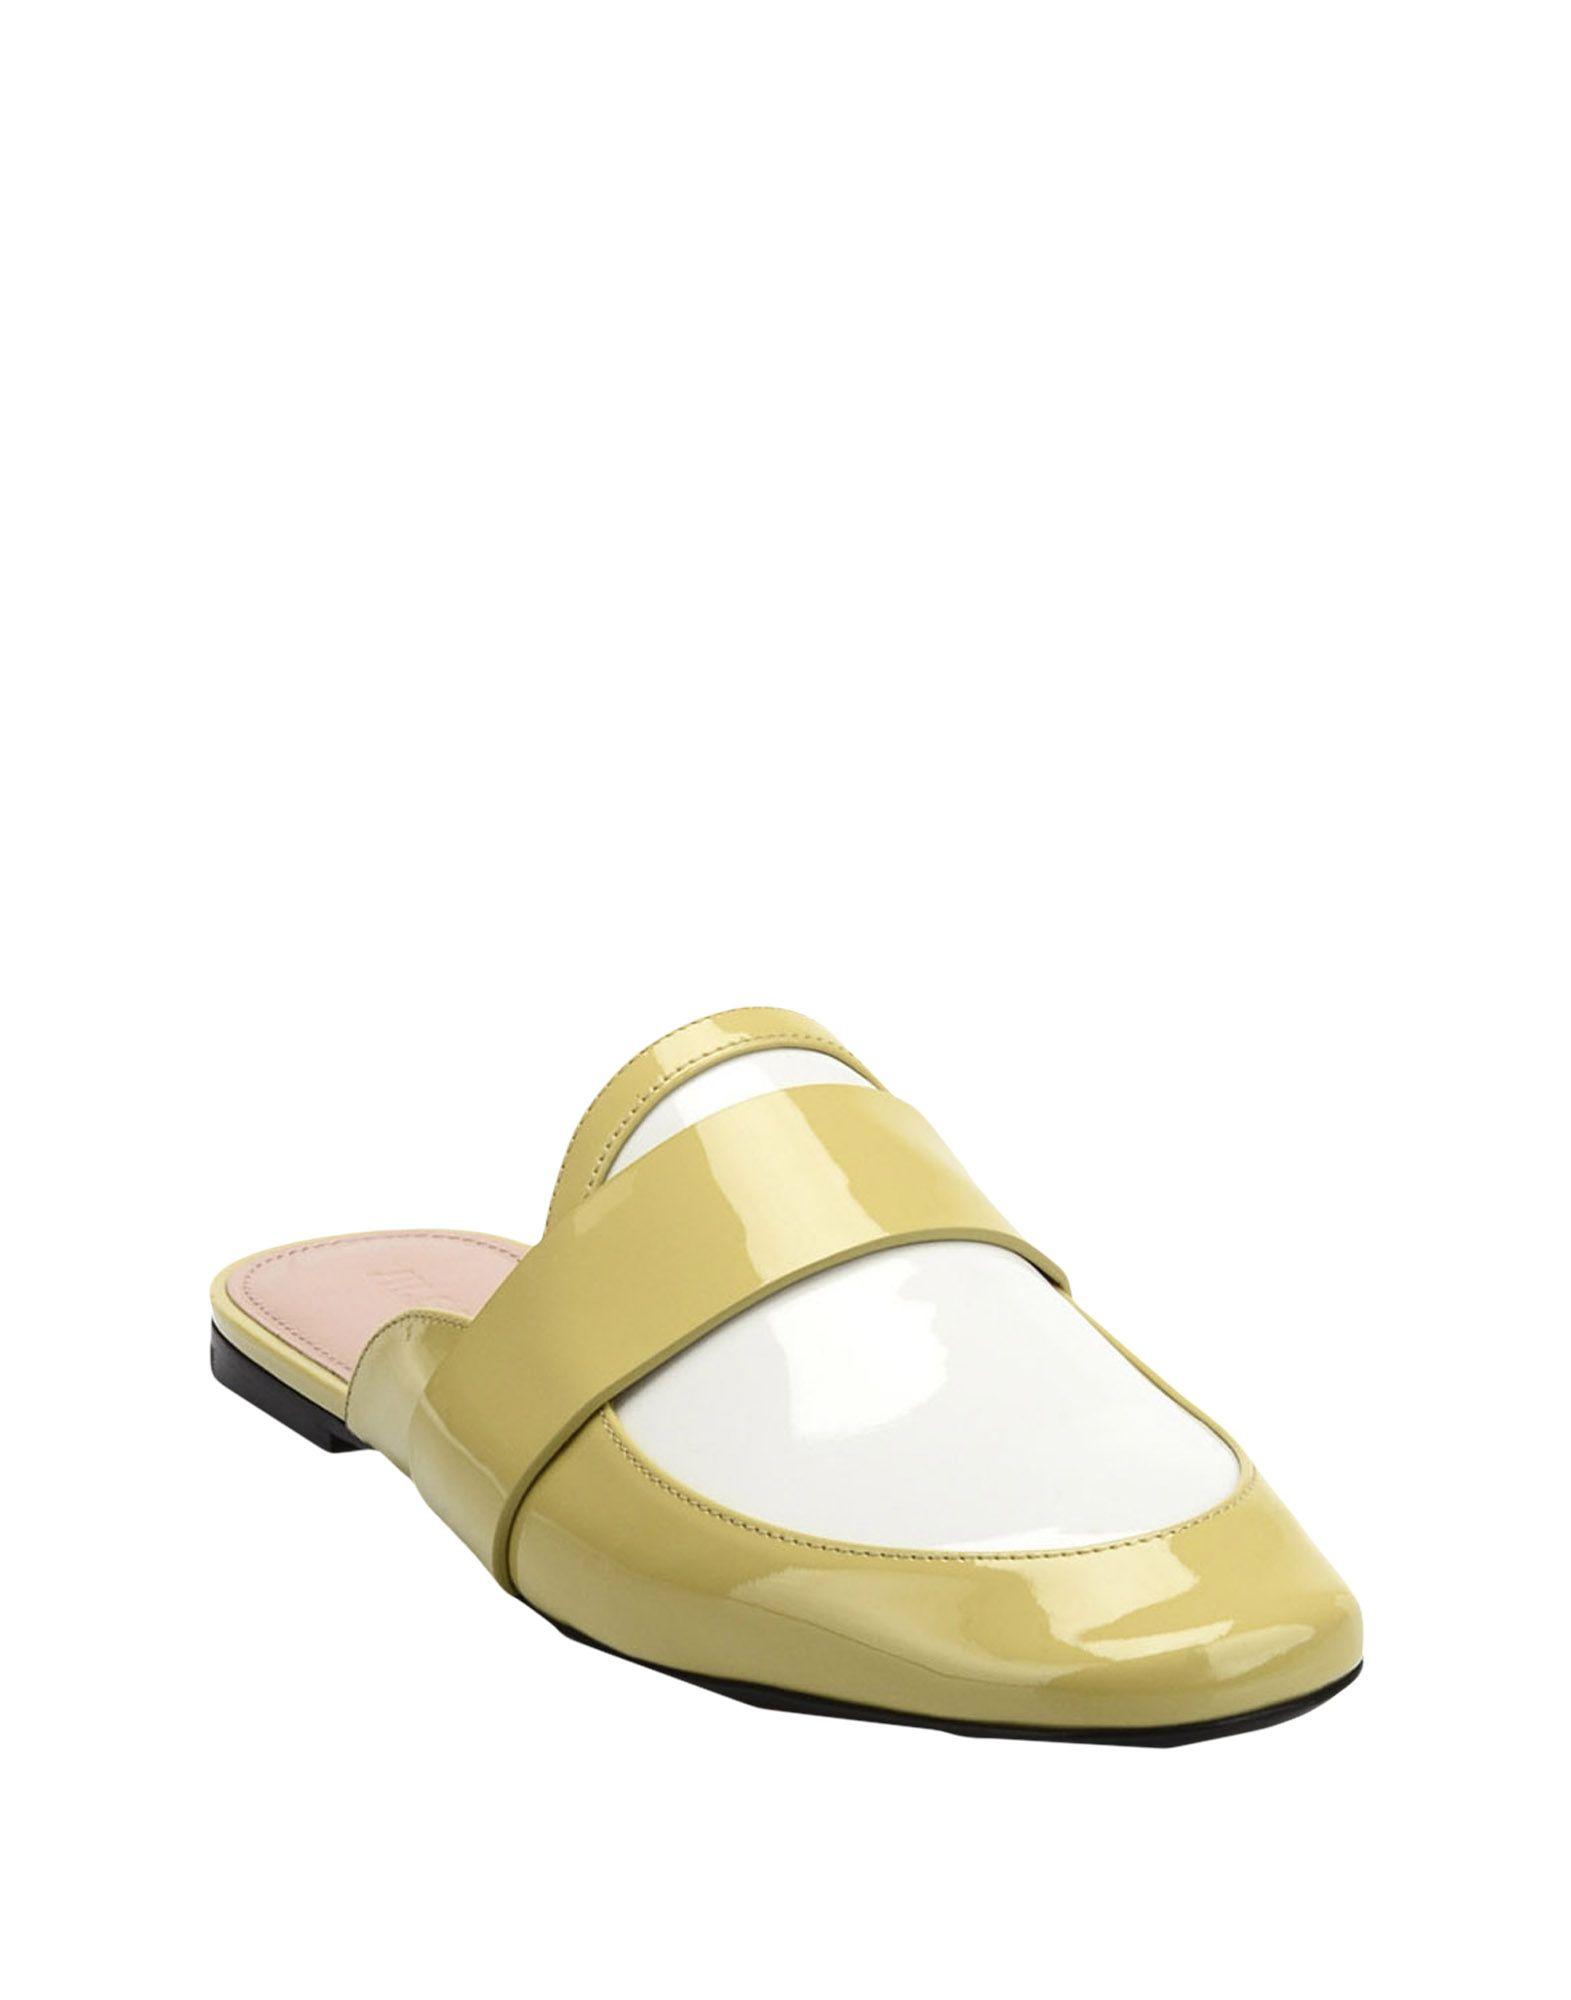 Sneakers Bikkembergs Donna - 11521893RR Scarpe economiche e buone